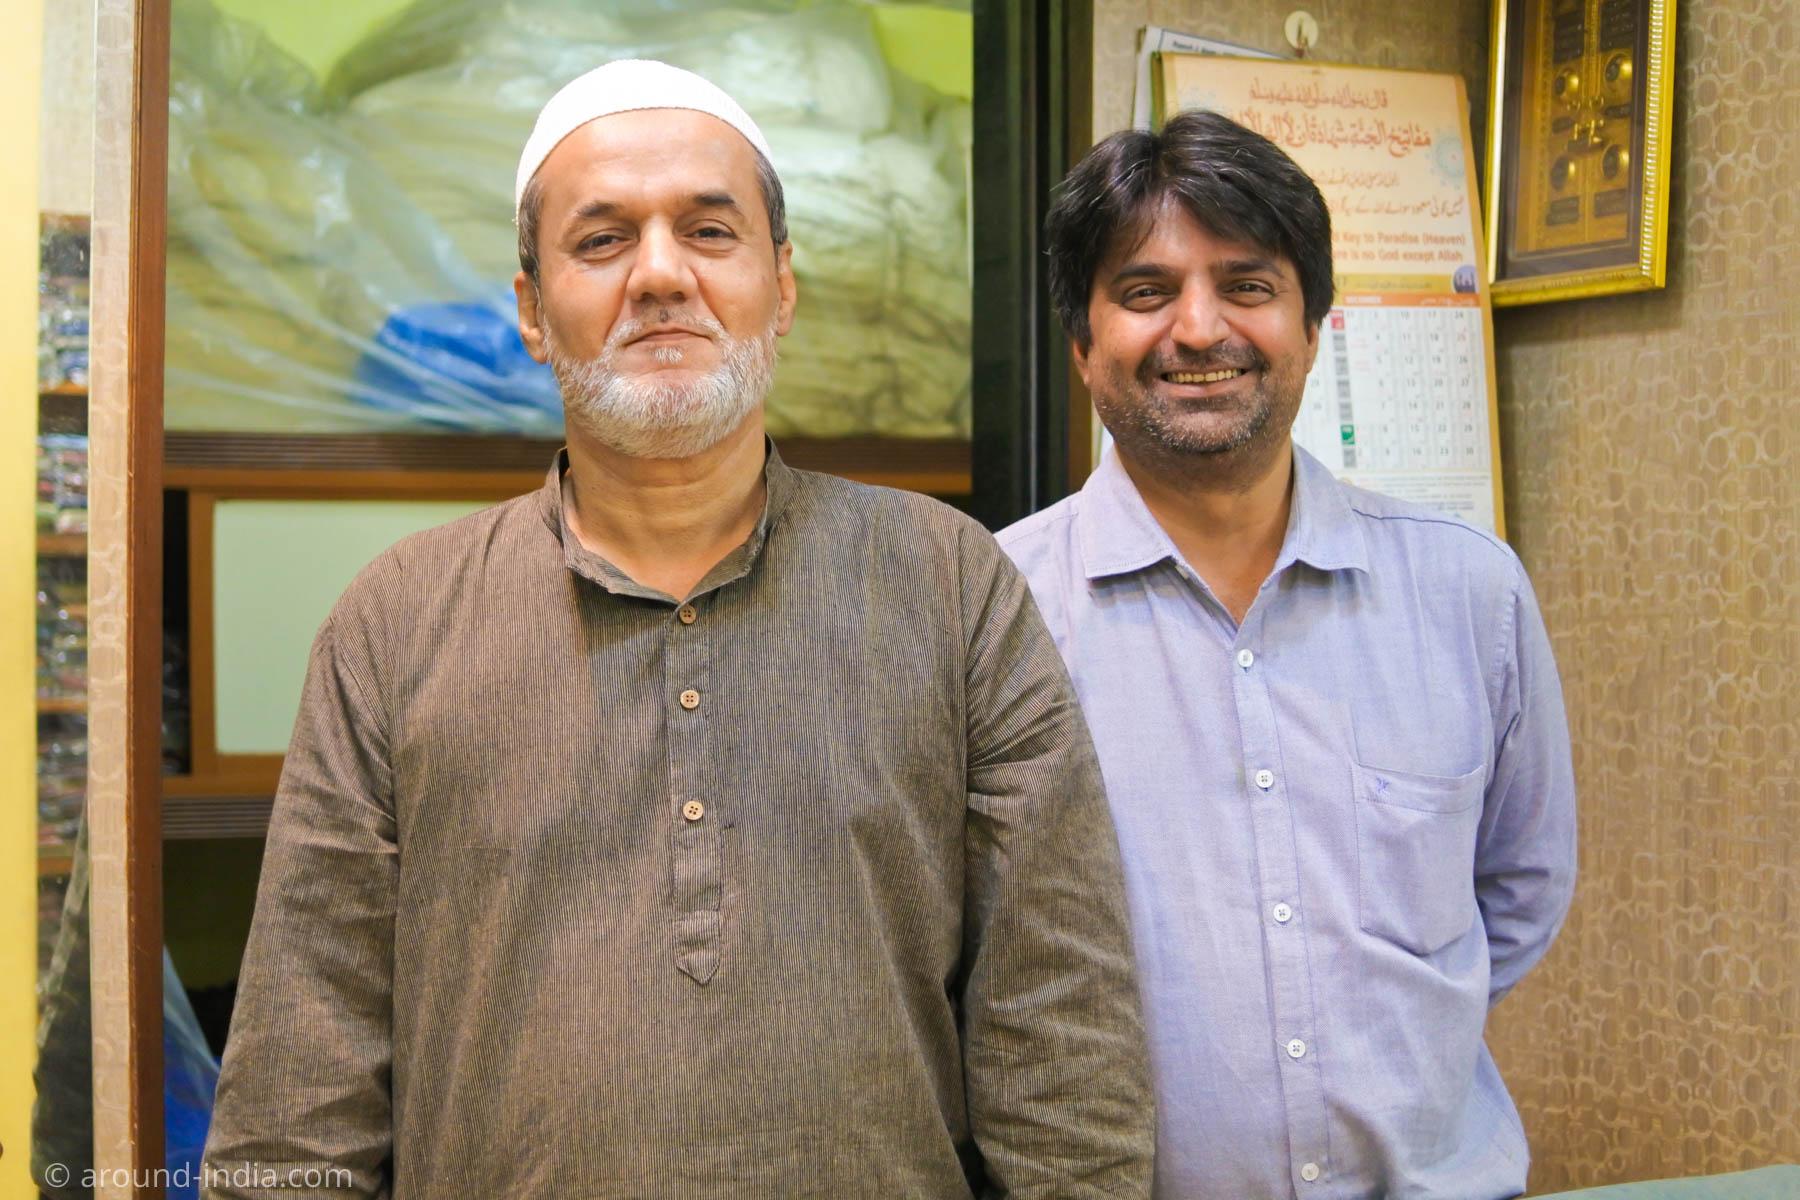 ムンバイ木版プリント工房PracheenのNational awardを受賞したお父様と後継ぎの息子さん